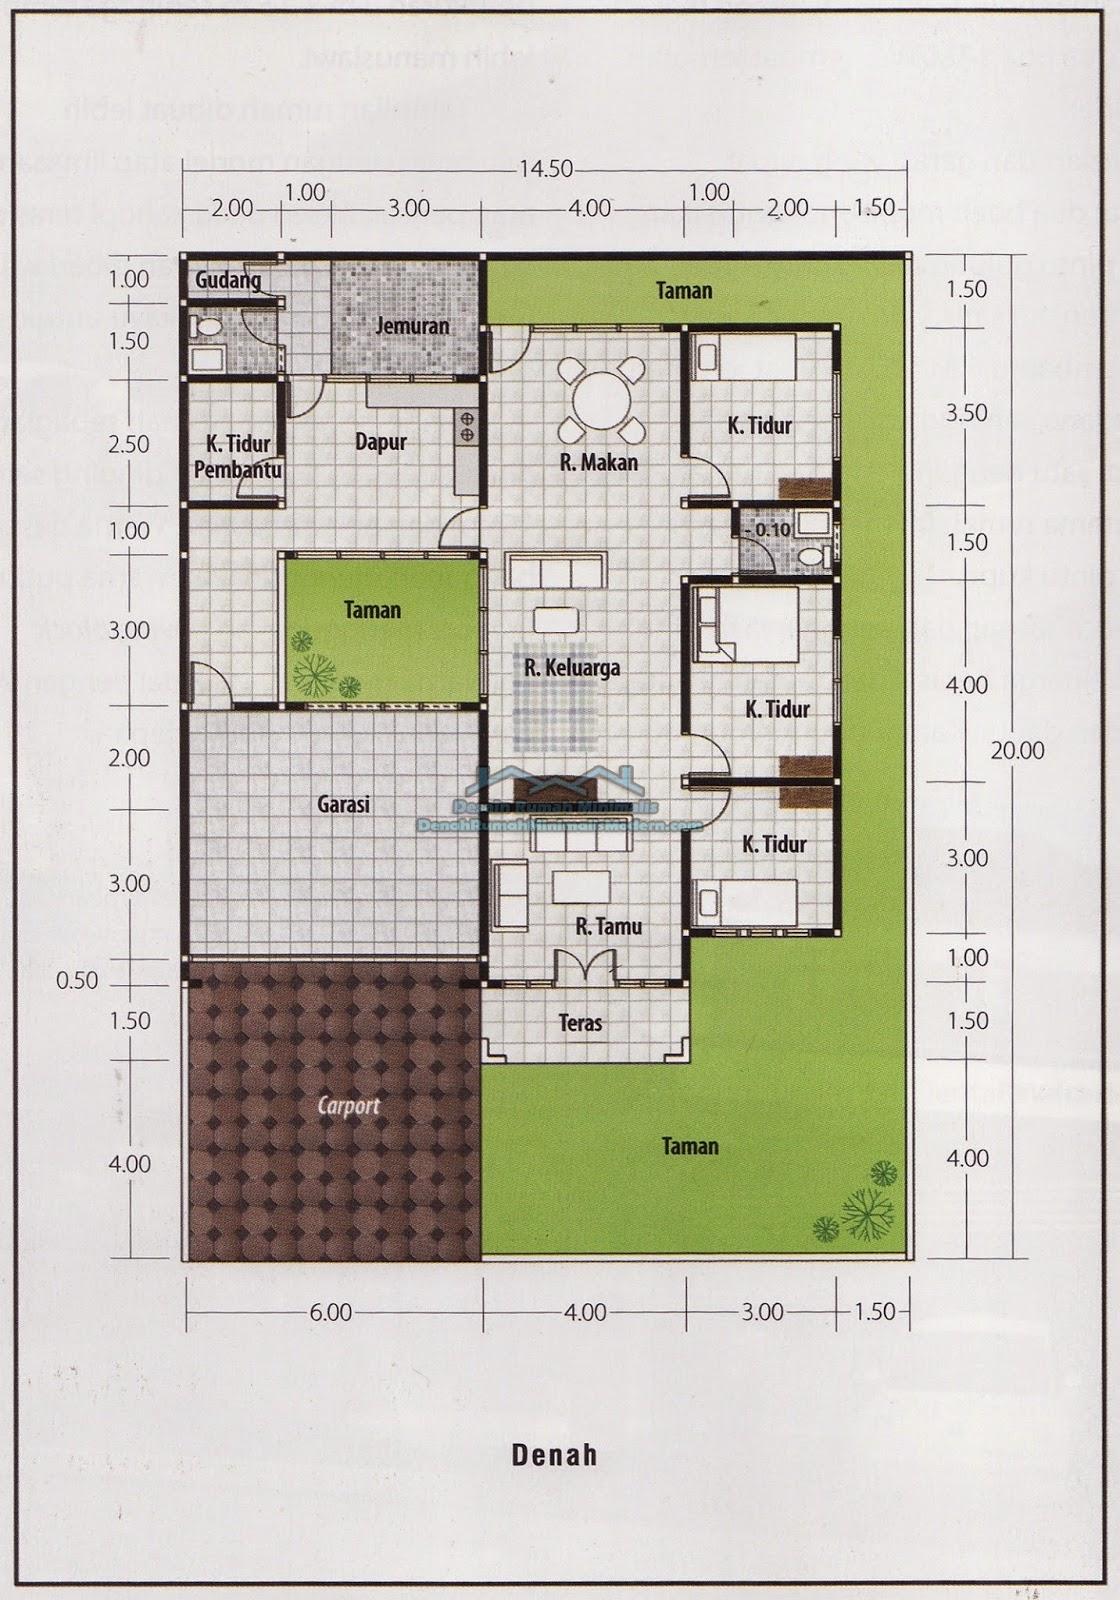 60 Desain Rumah Minimalis Luas Tanah 60 Meter Desain Rumah